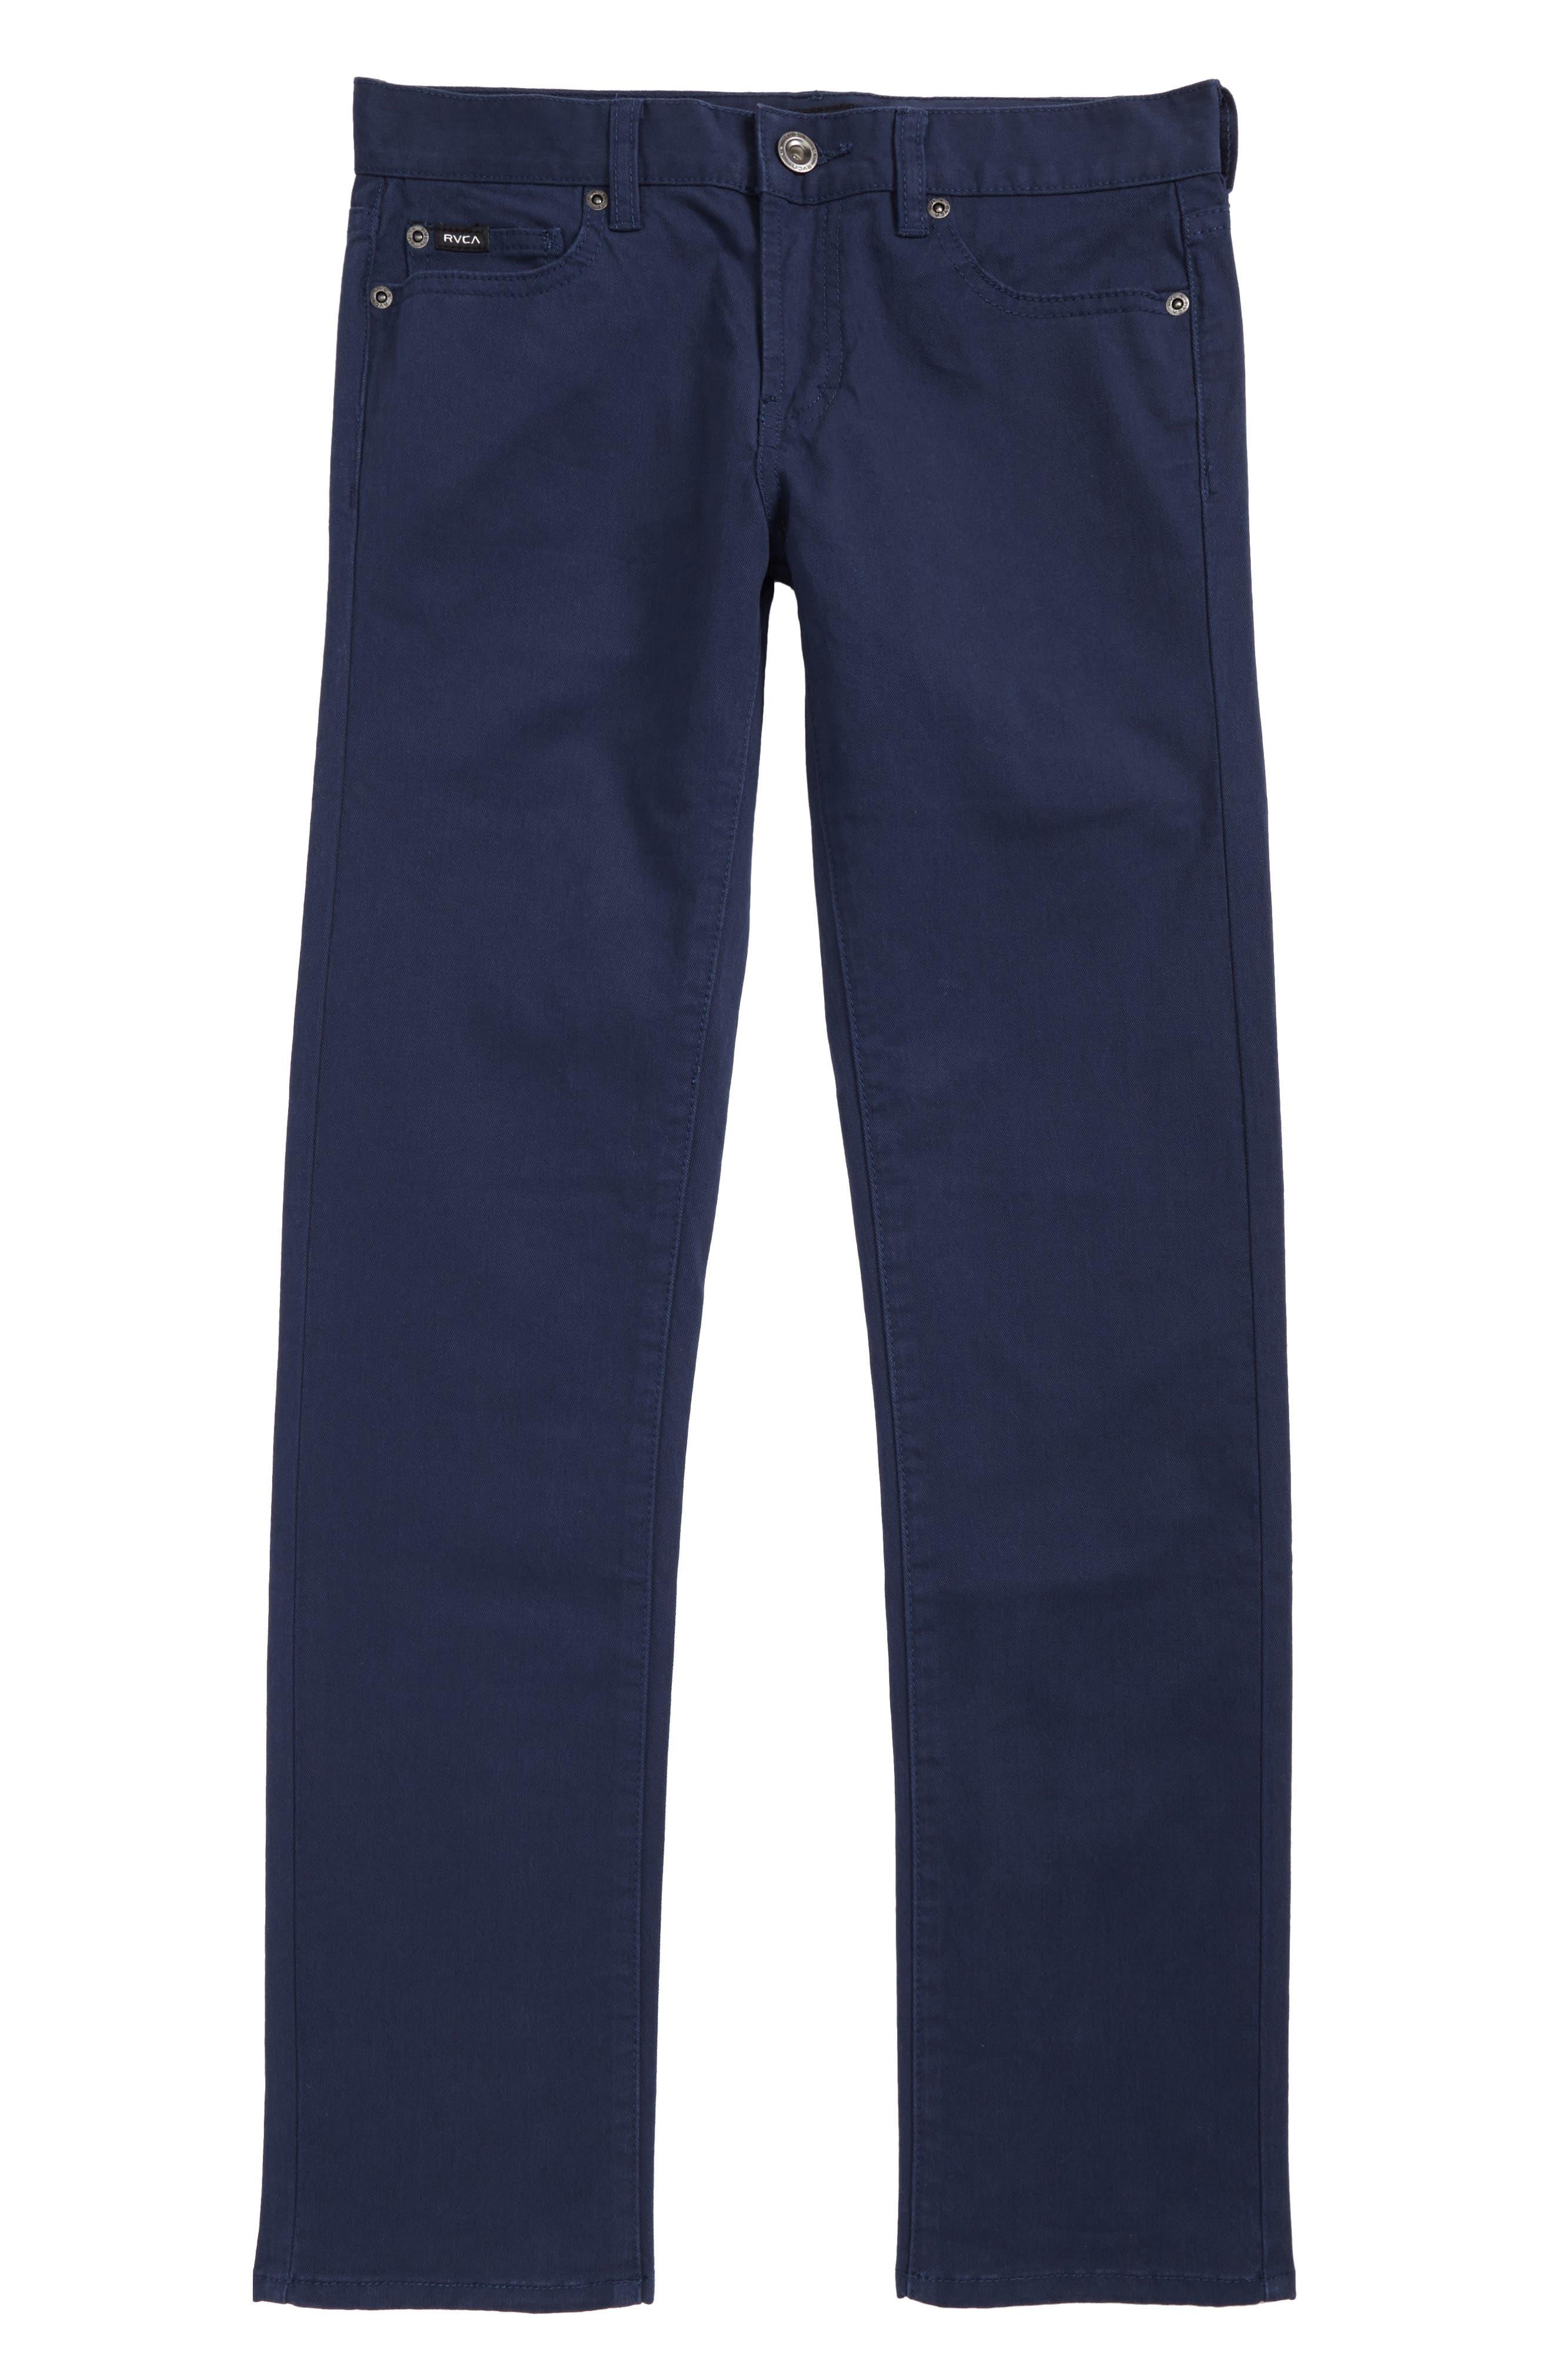 RVCA 'Daggers' Slim Fit Twill Pants (Big Boys)